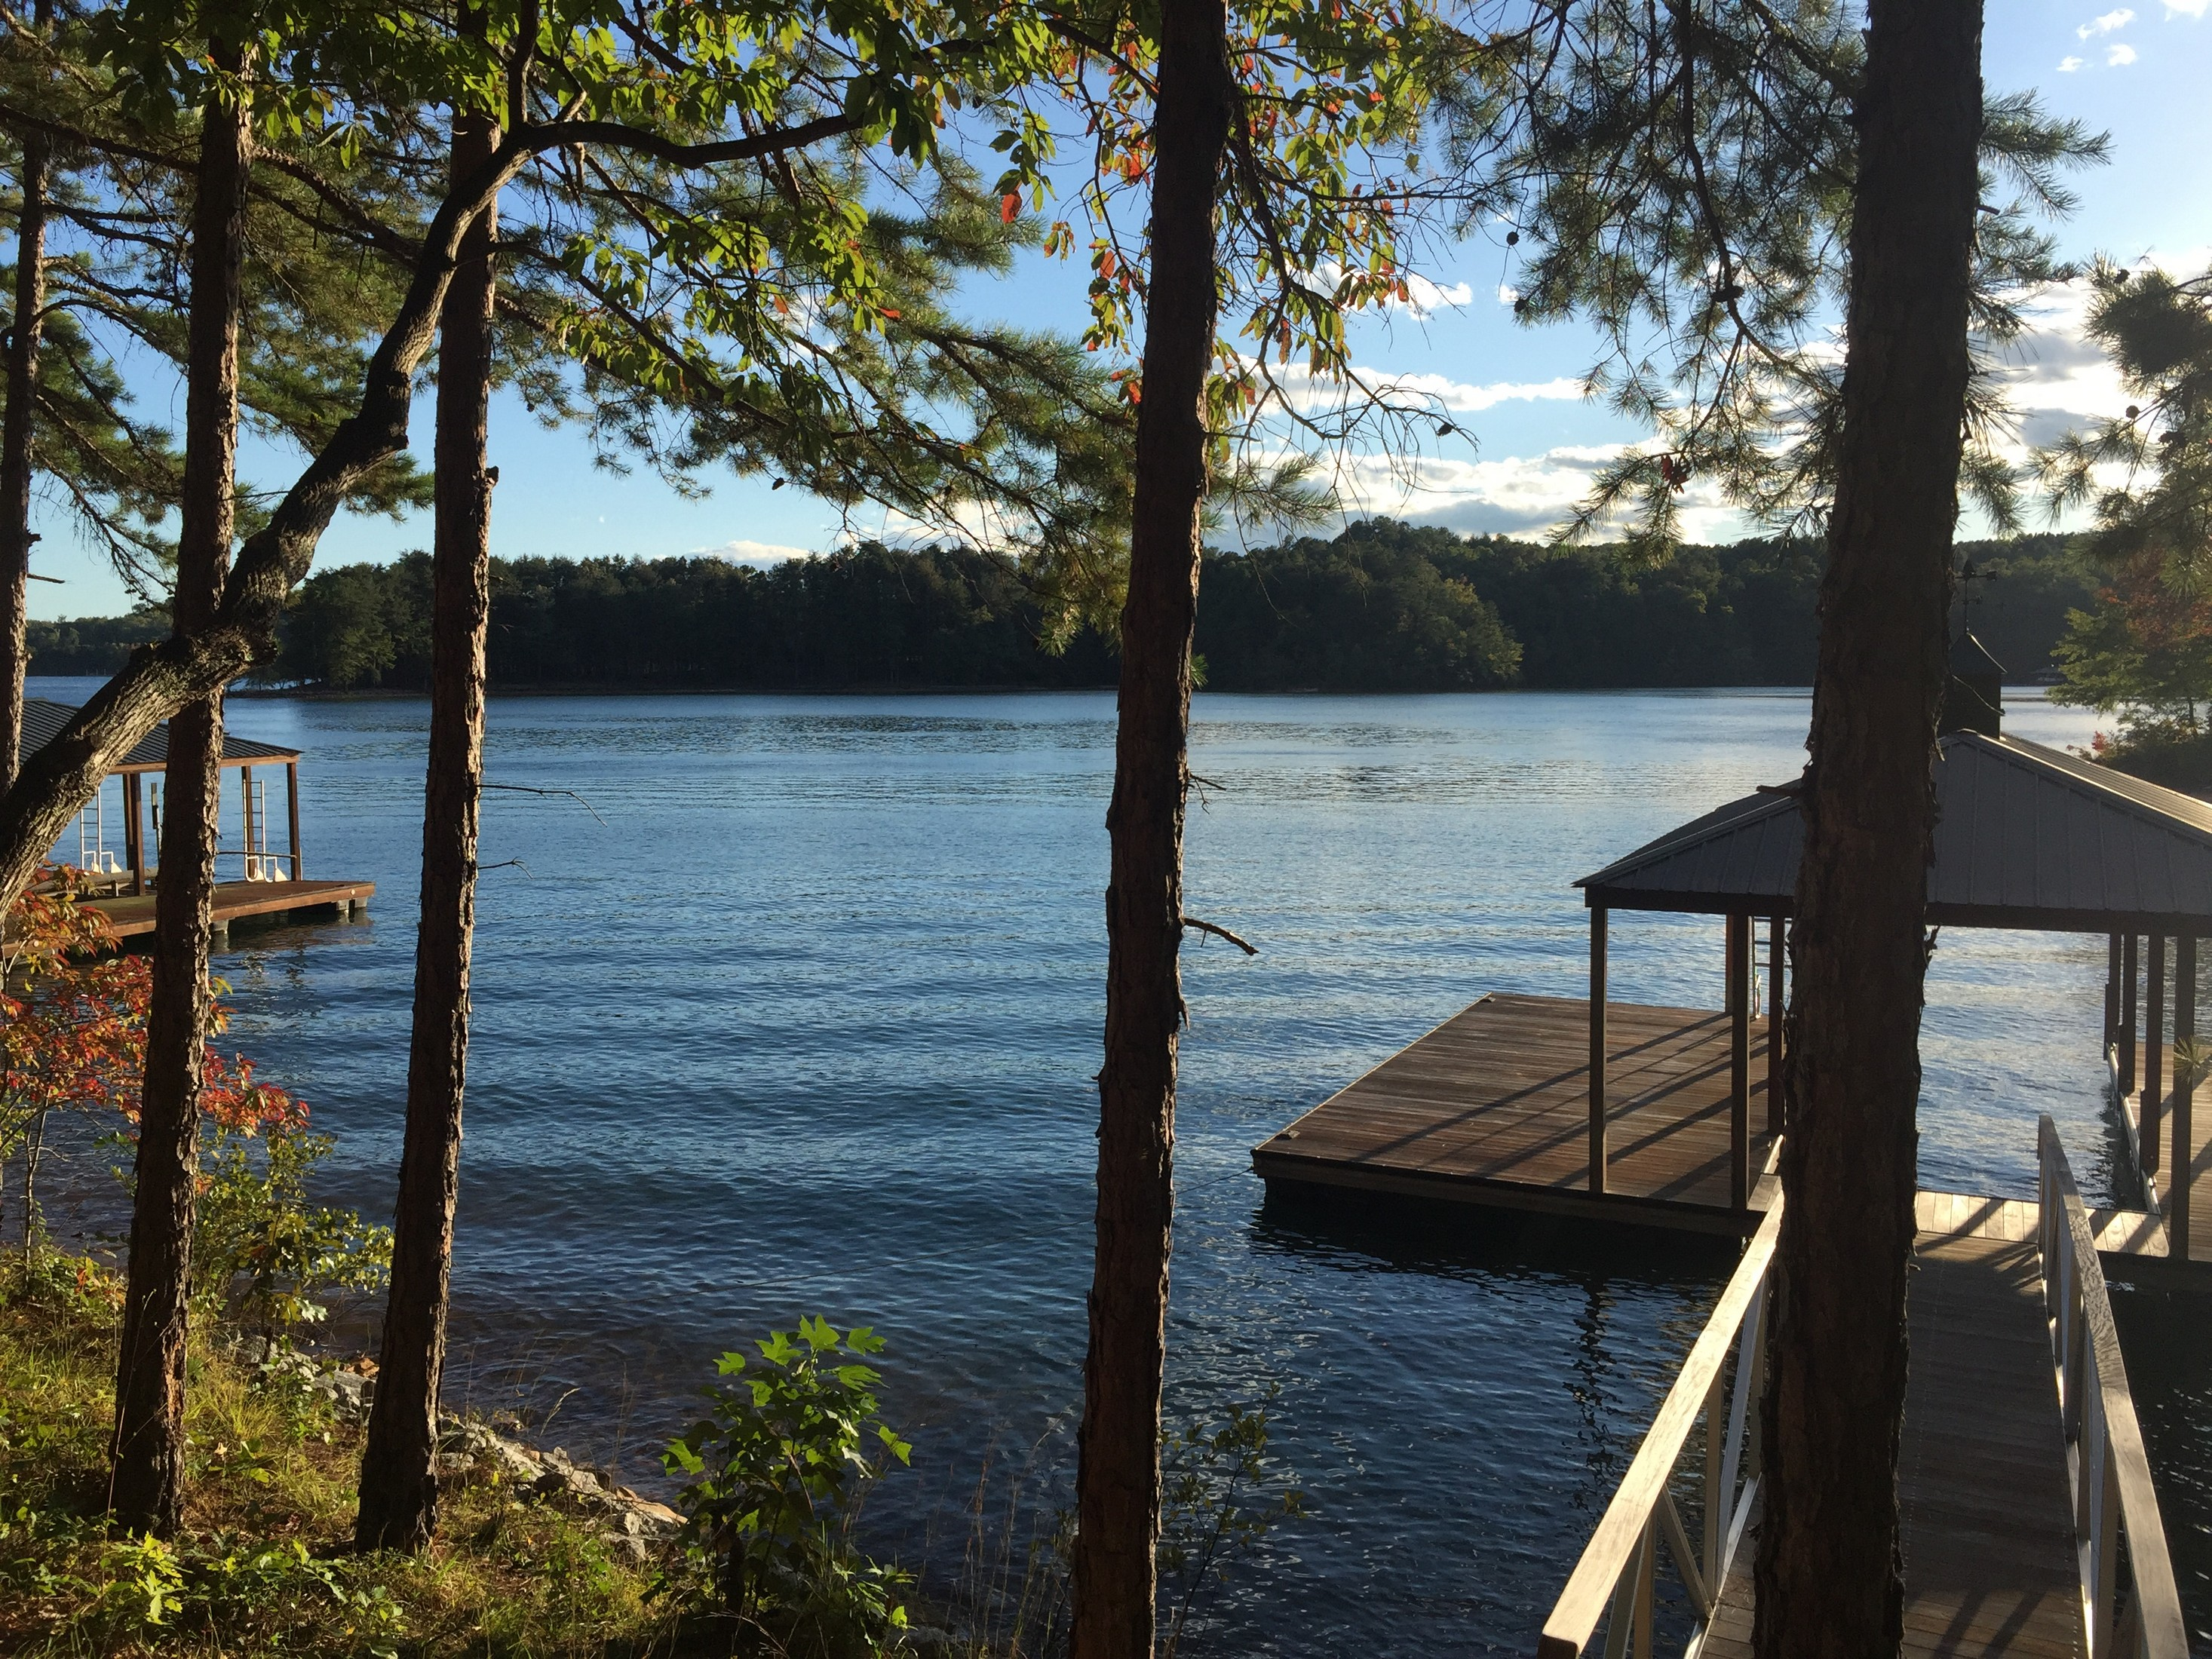 토지 용 매매 에 Expansive Views & Emerald-Green Water on 1+ Acres, 200+ Ft Shoreline Lot AR20 Salem, 사우스캐놀라이나, 29676 미국